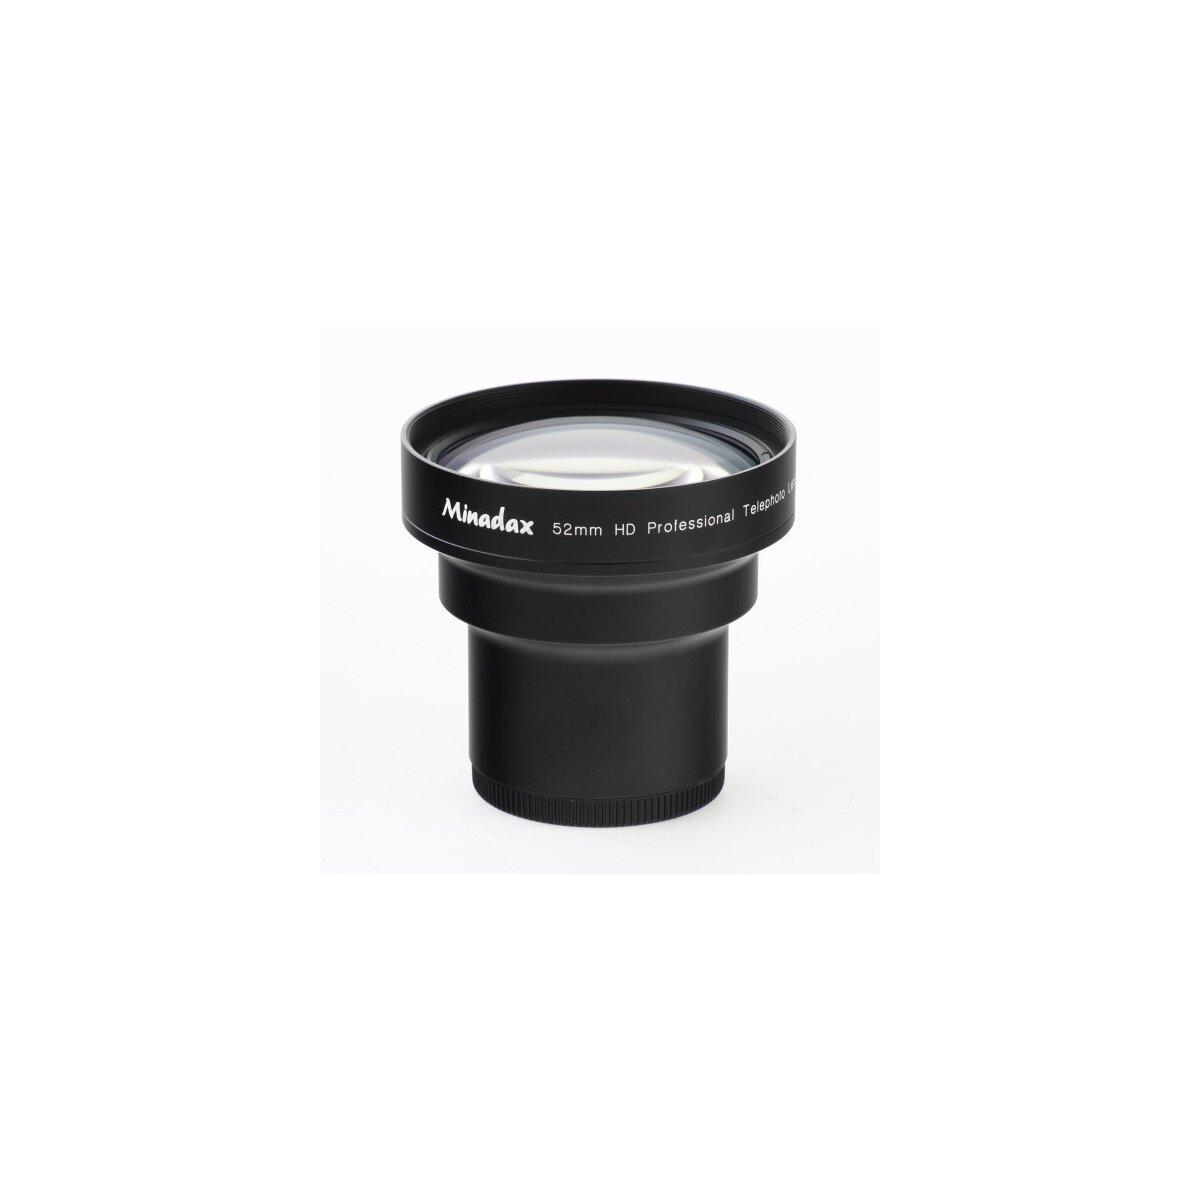 1.7x Minadax Tele Vorsatz kompatibel für Casio Exilim Pro EX-P505